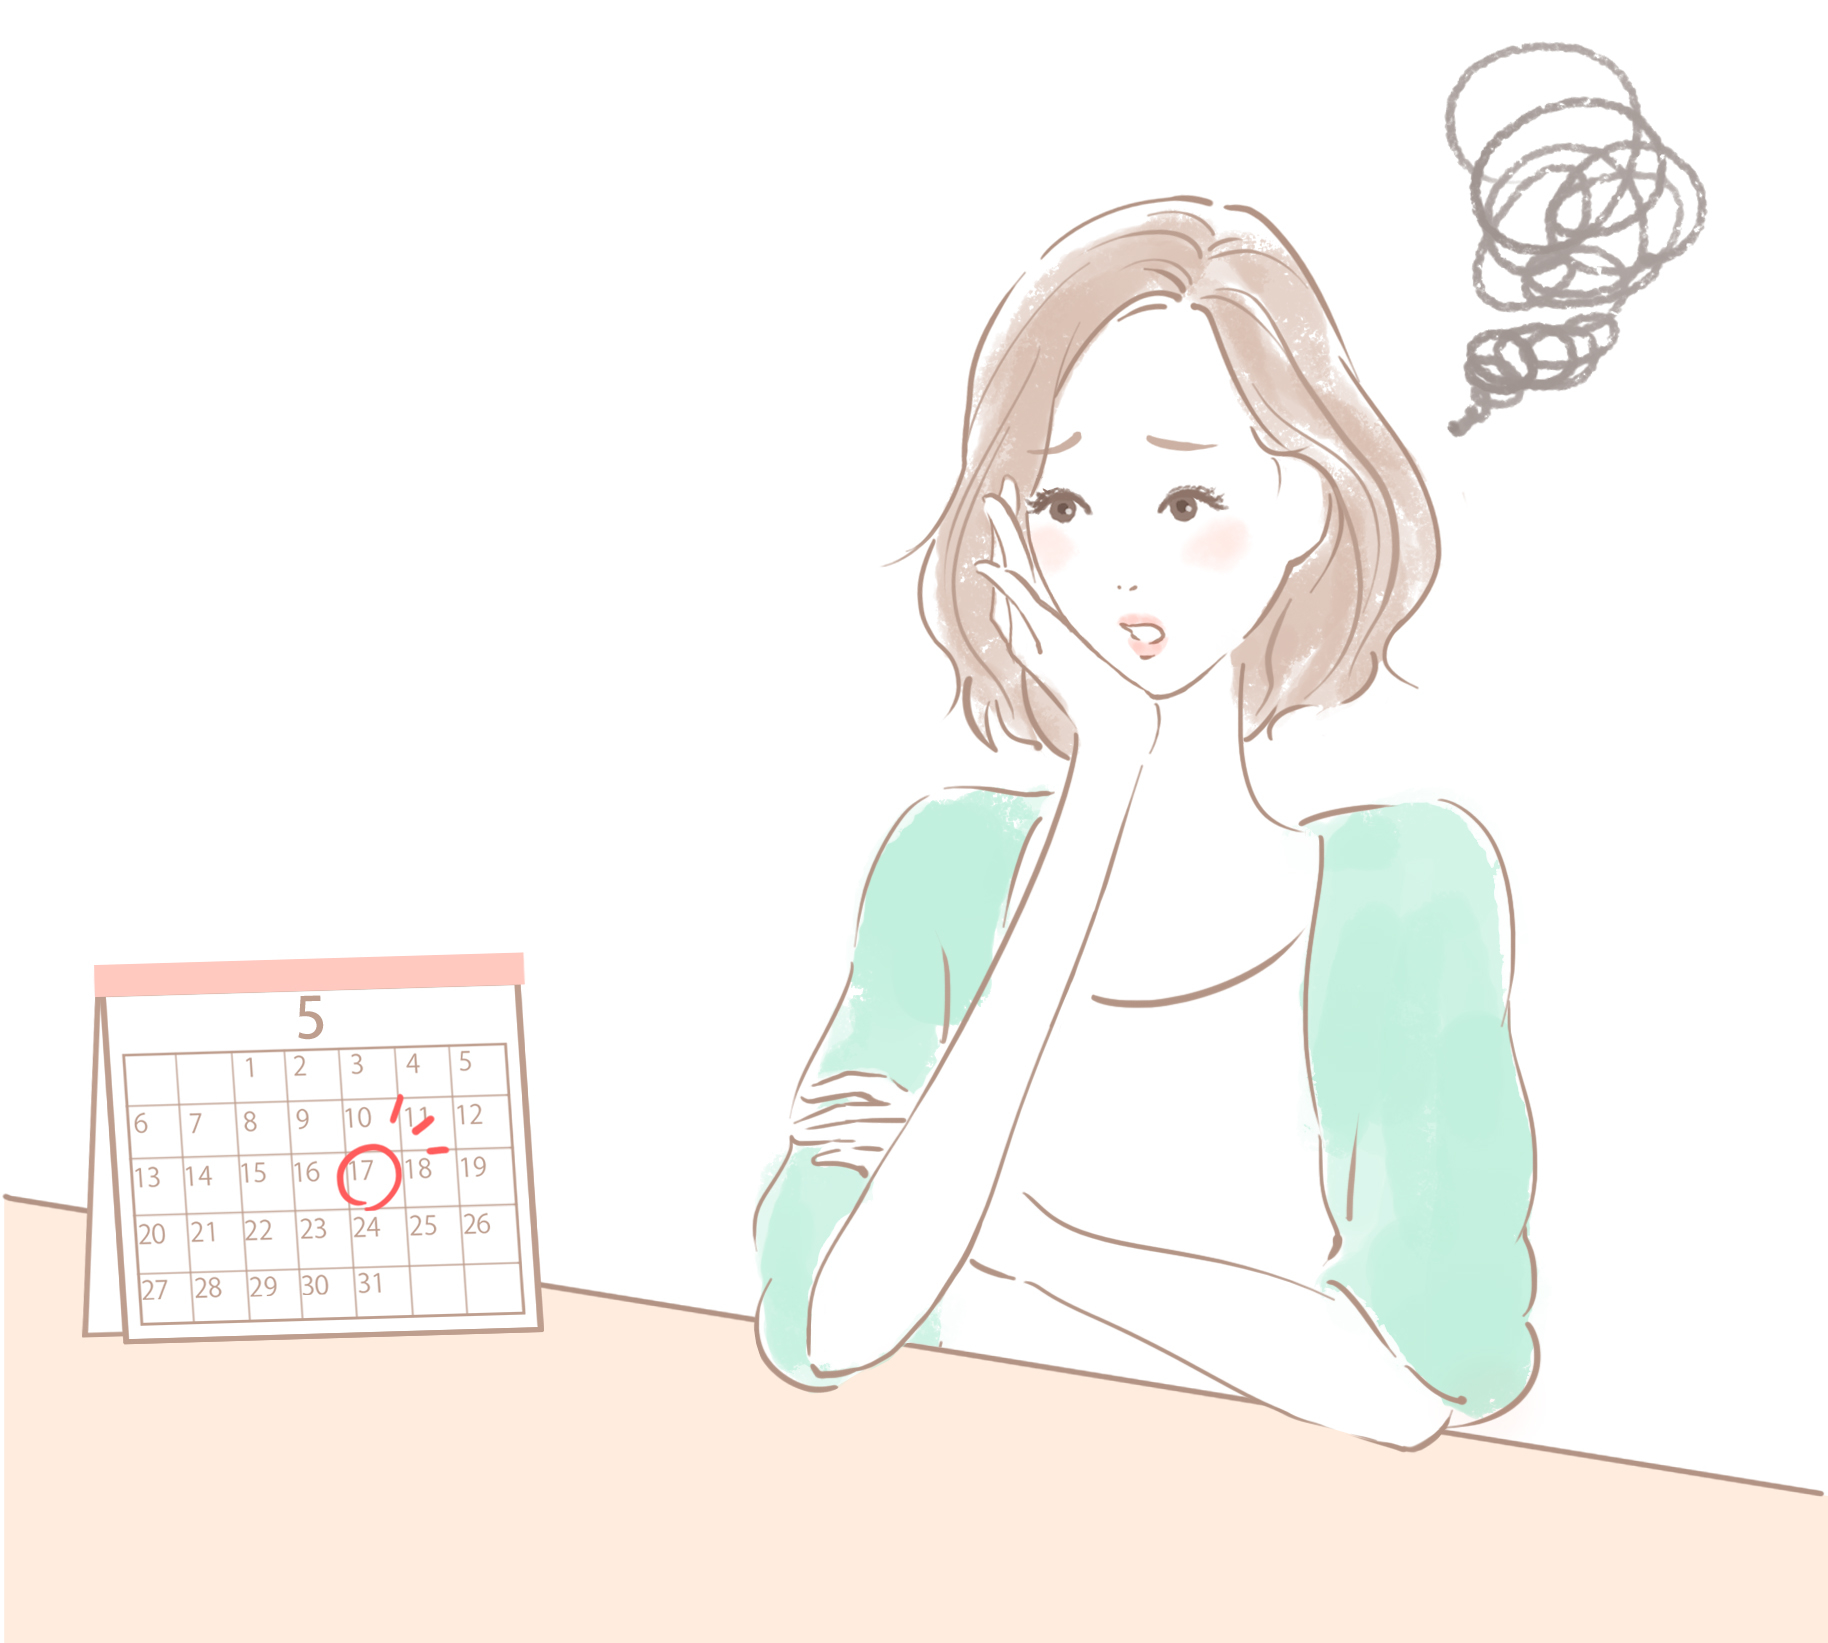 インタビュー_4月_02.jpg